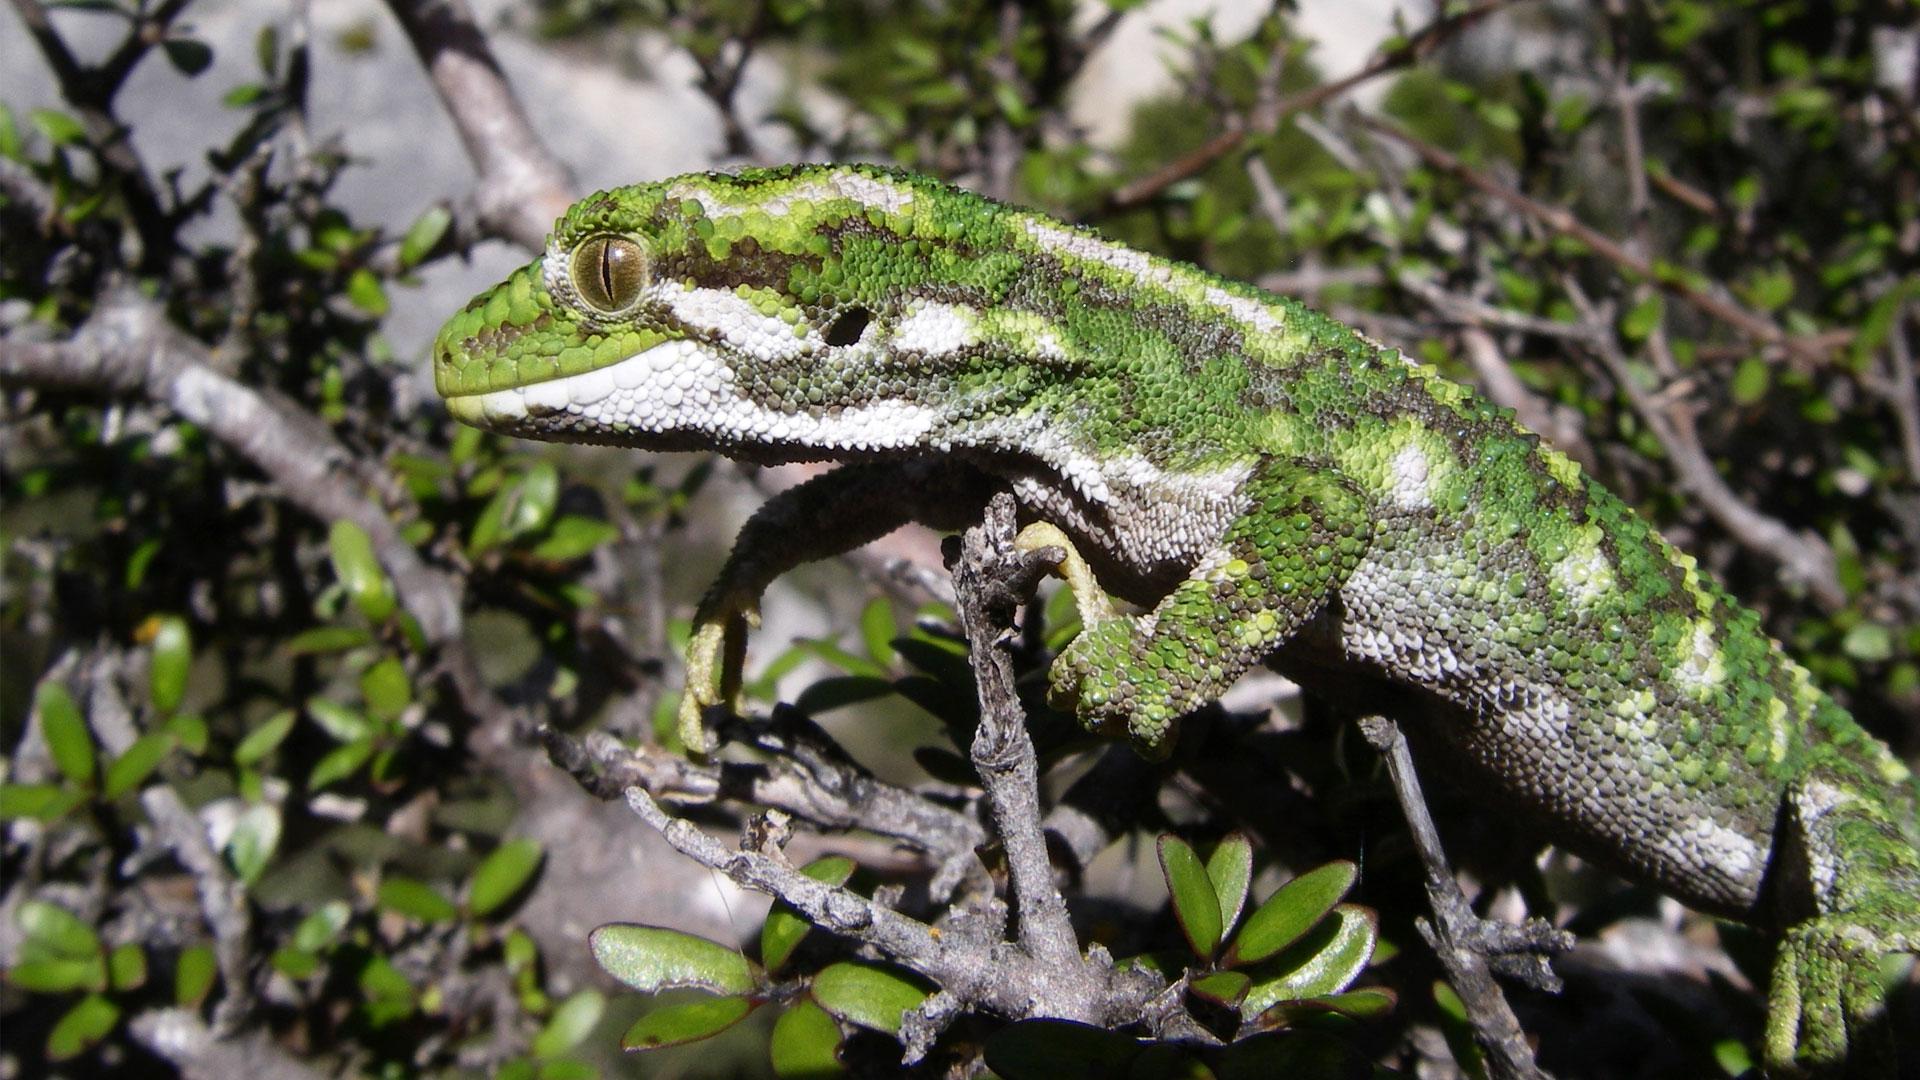 https://rfacdn.nz/zoo/assets/media/rough-gecko-gallery-10.jpg